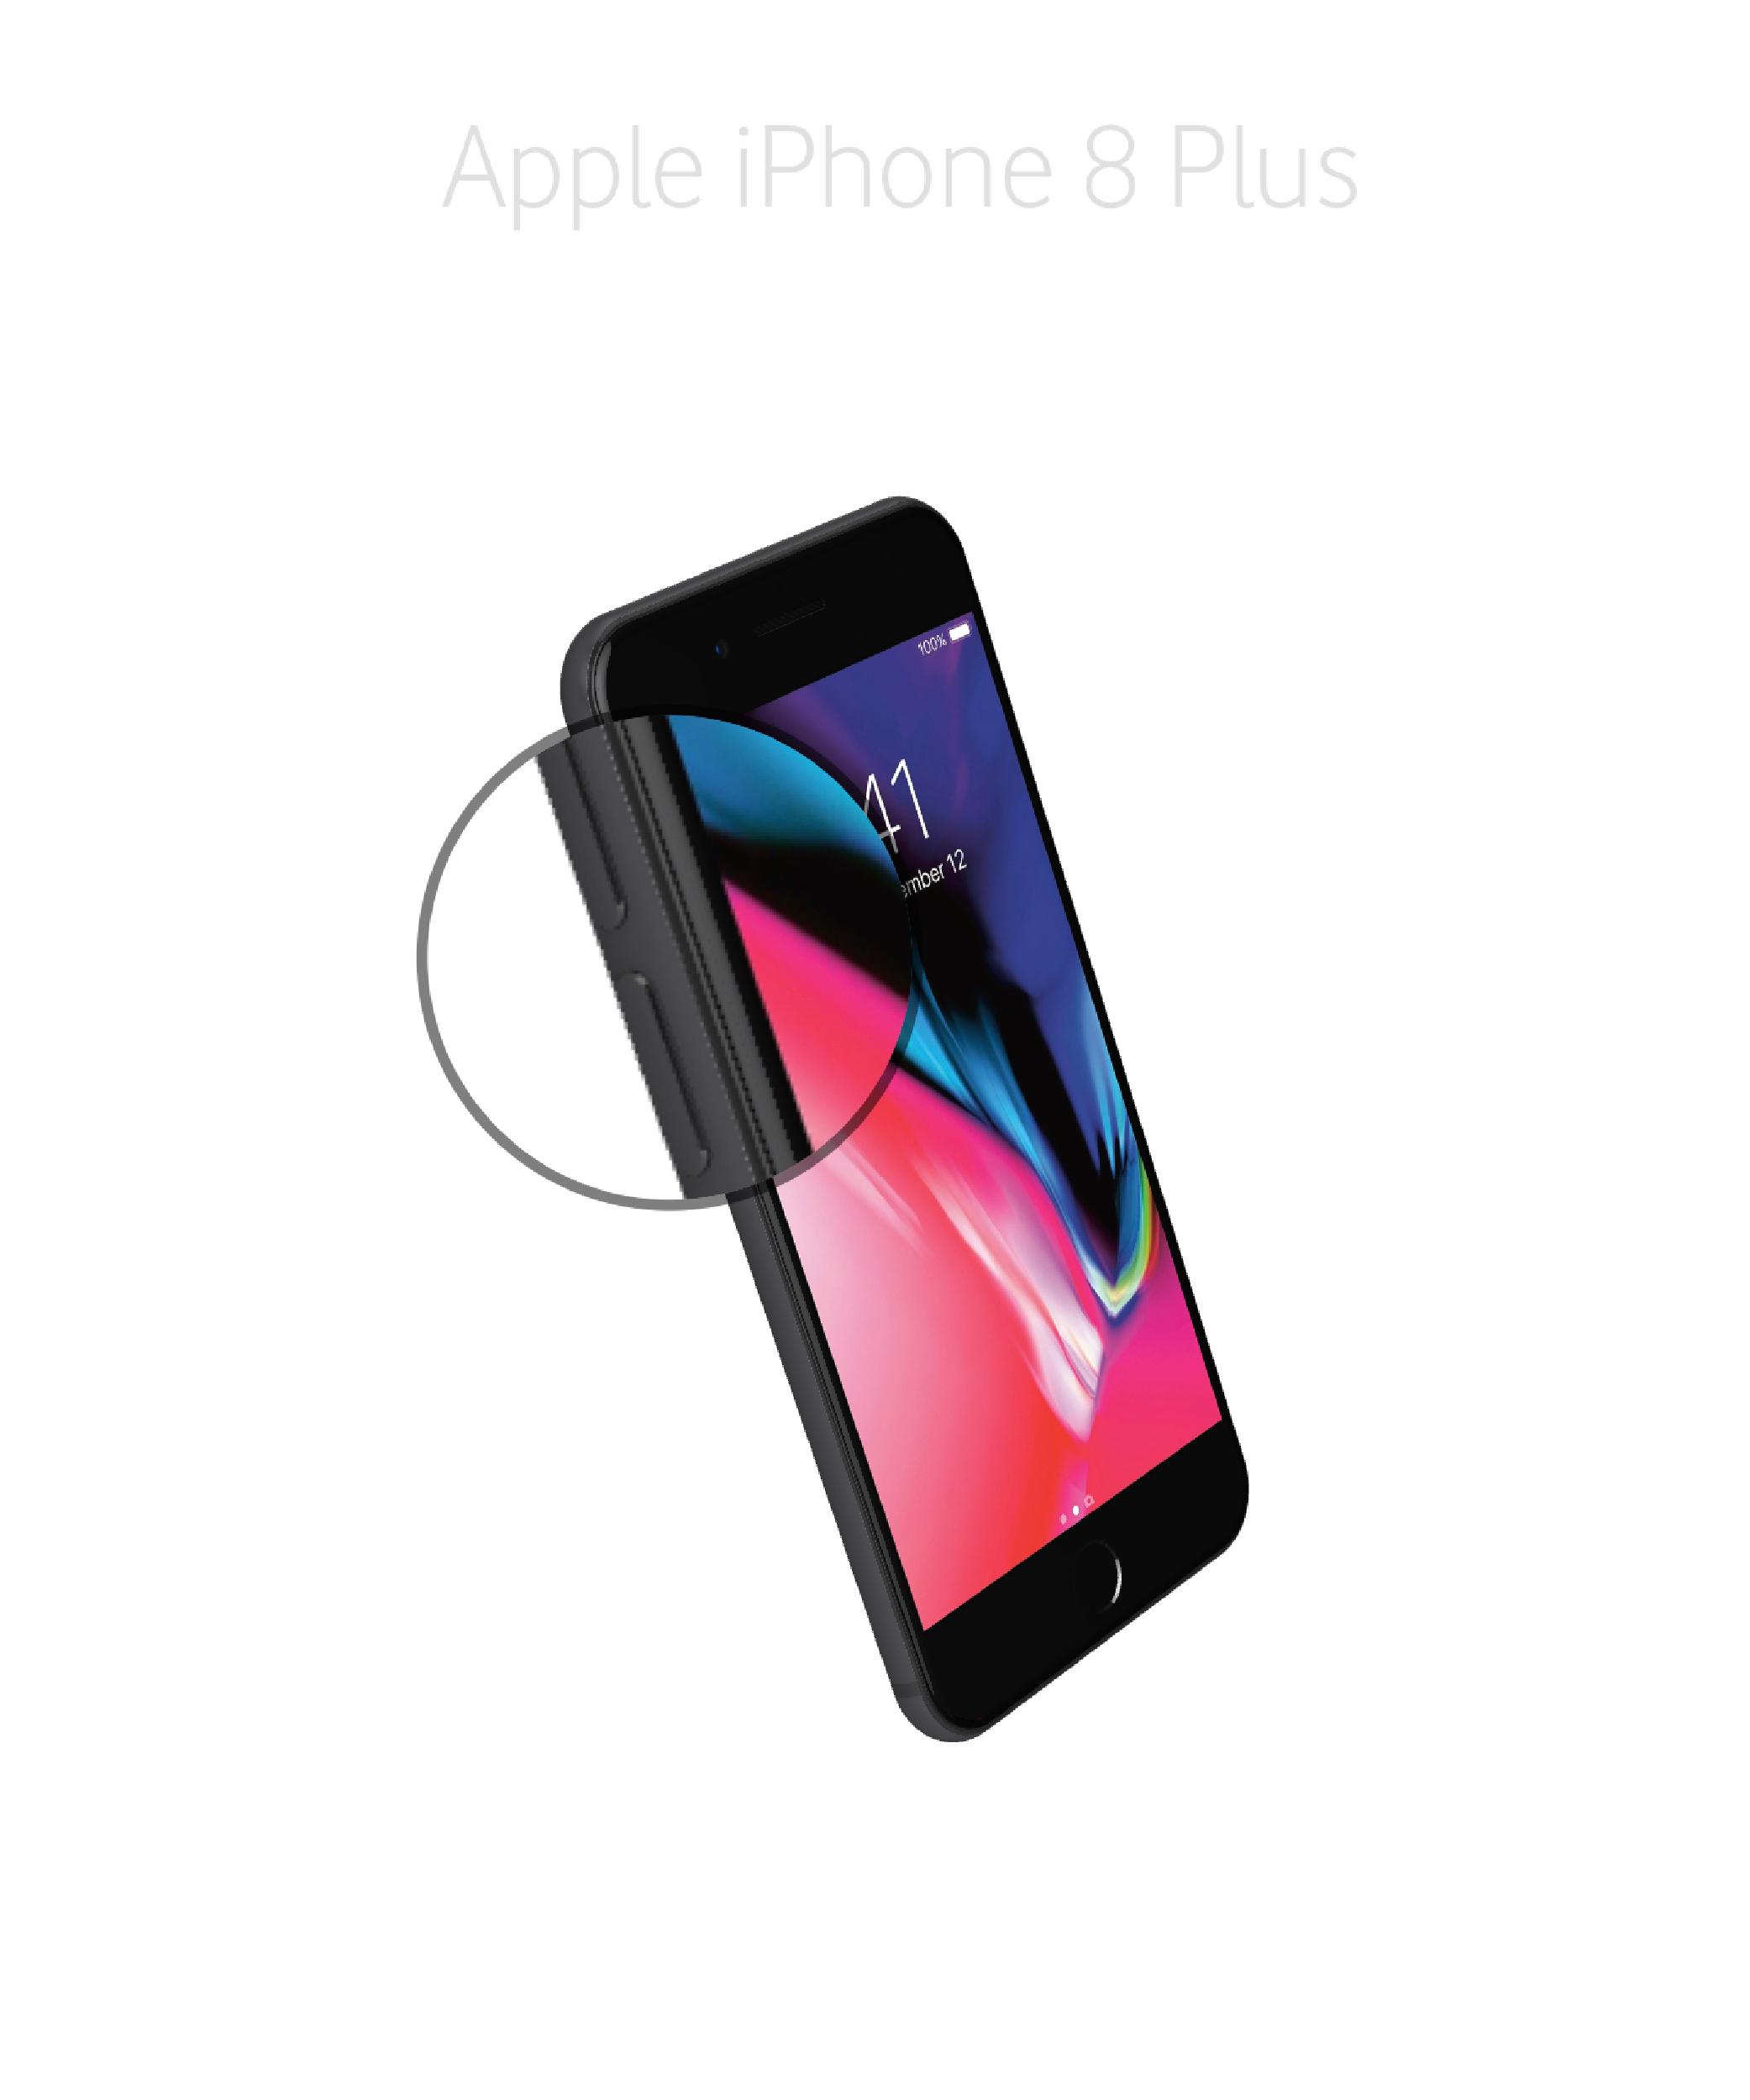 Laga volym/muteknapp iPhone 8 plus